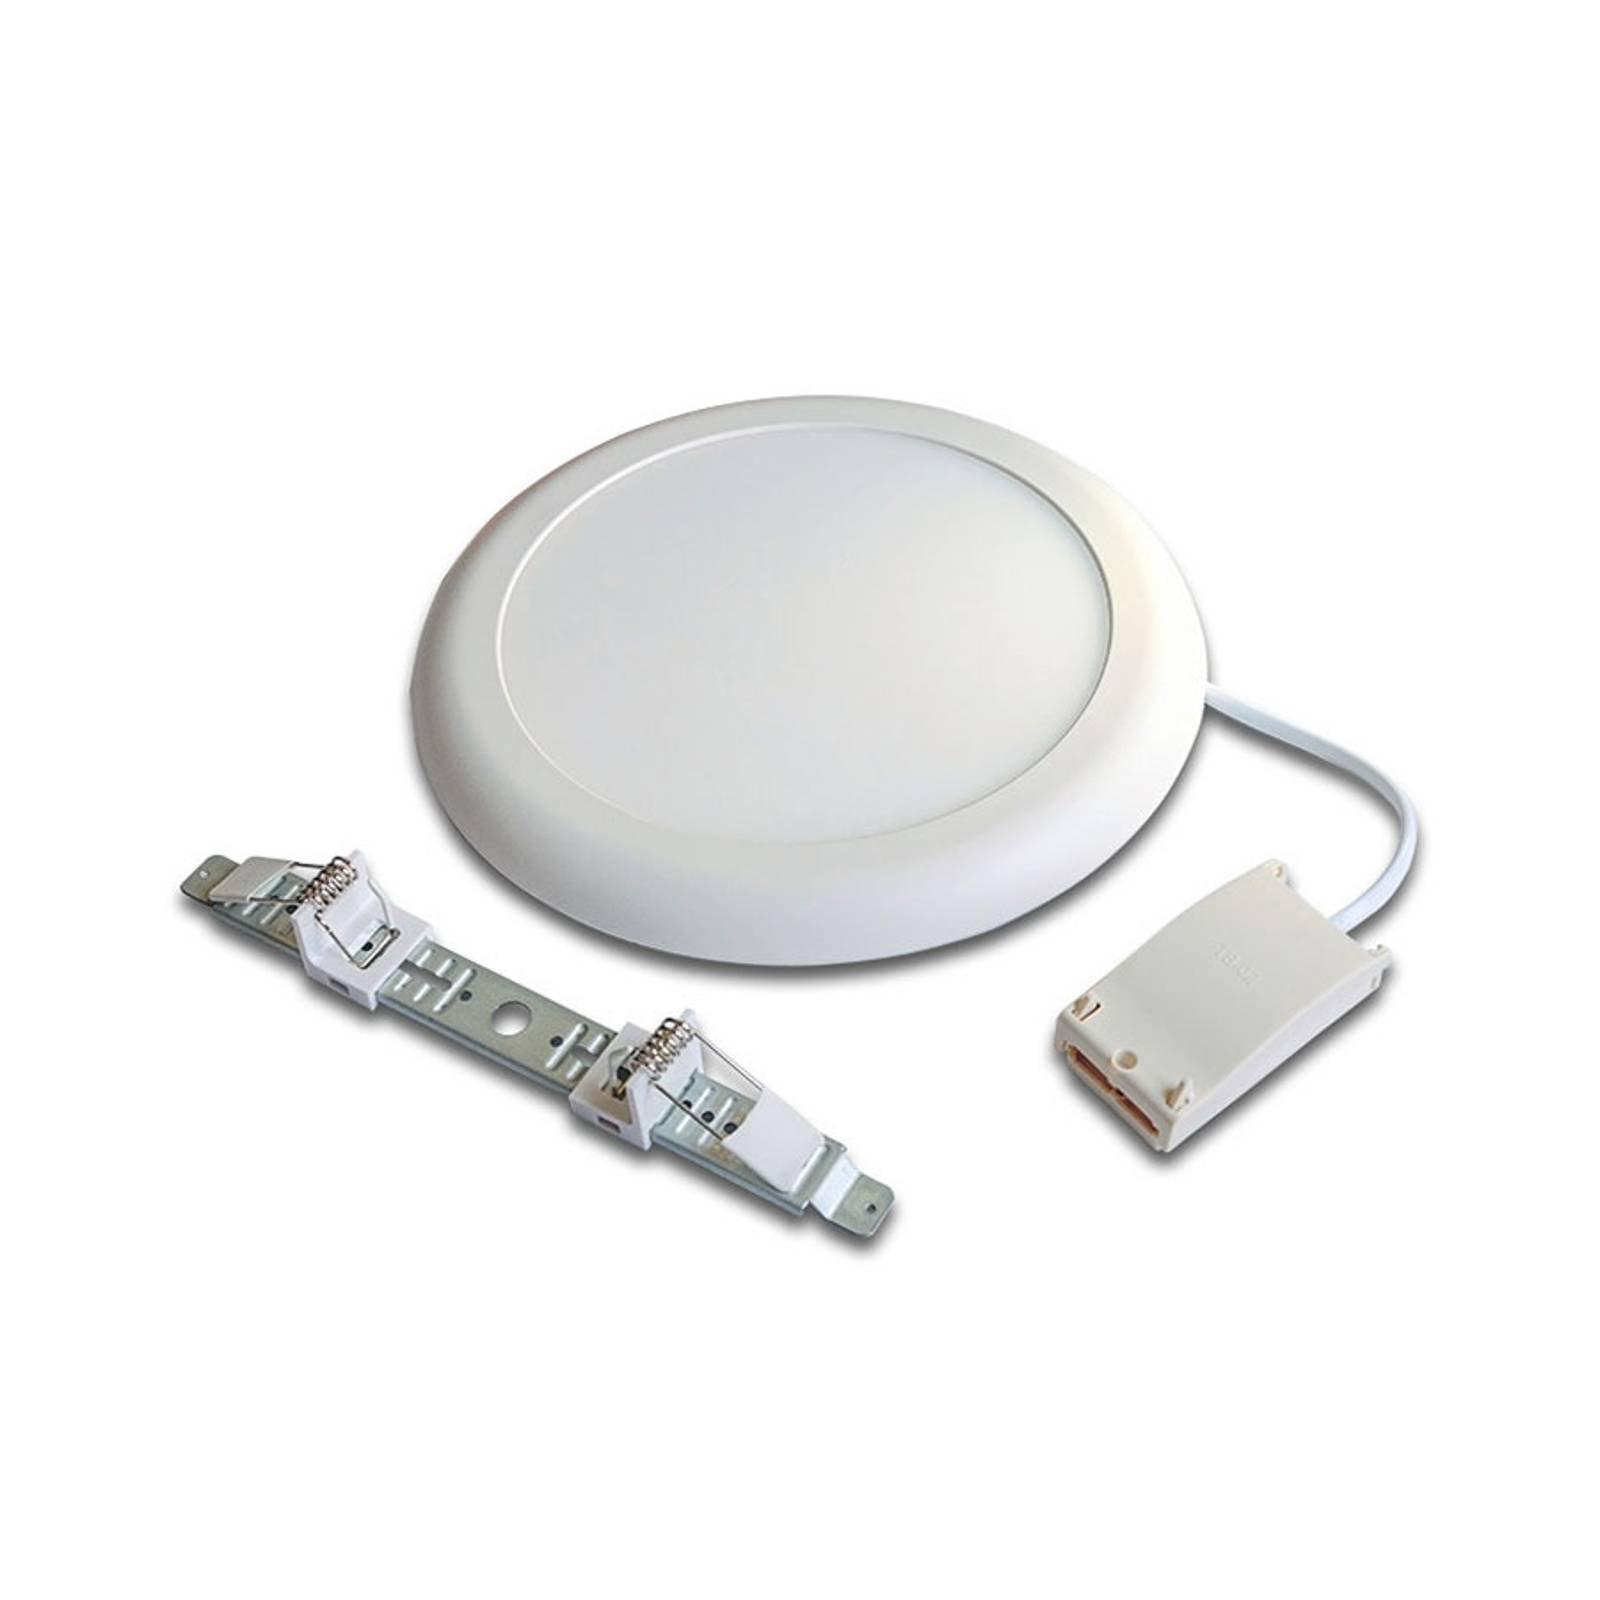 LED-pære FR 65/205, inn-/påmontert, hvit, 3 000 K